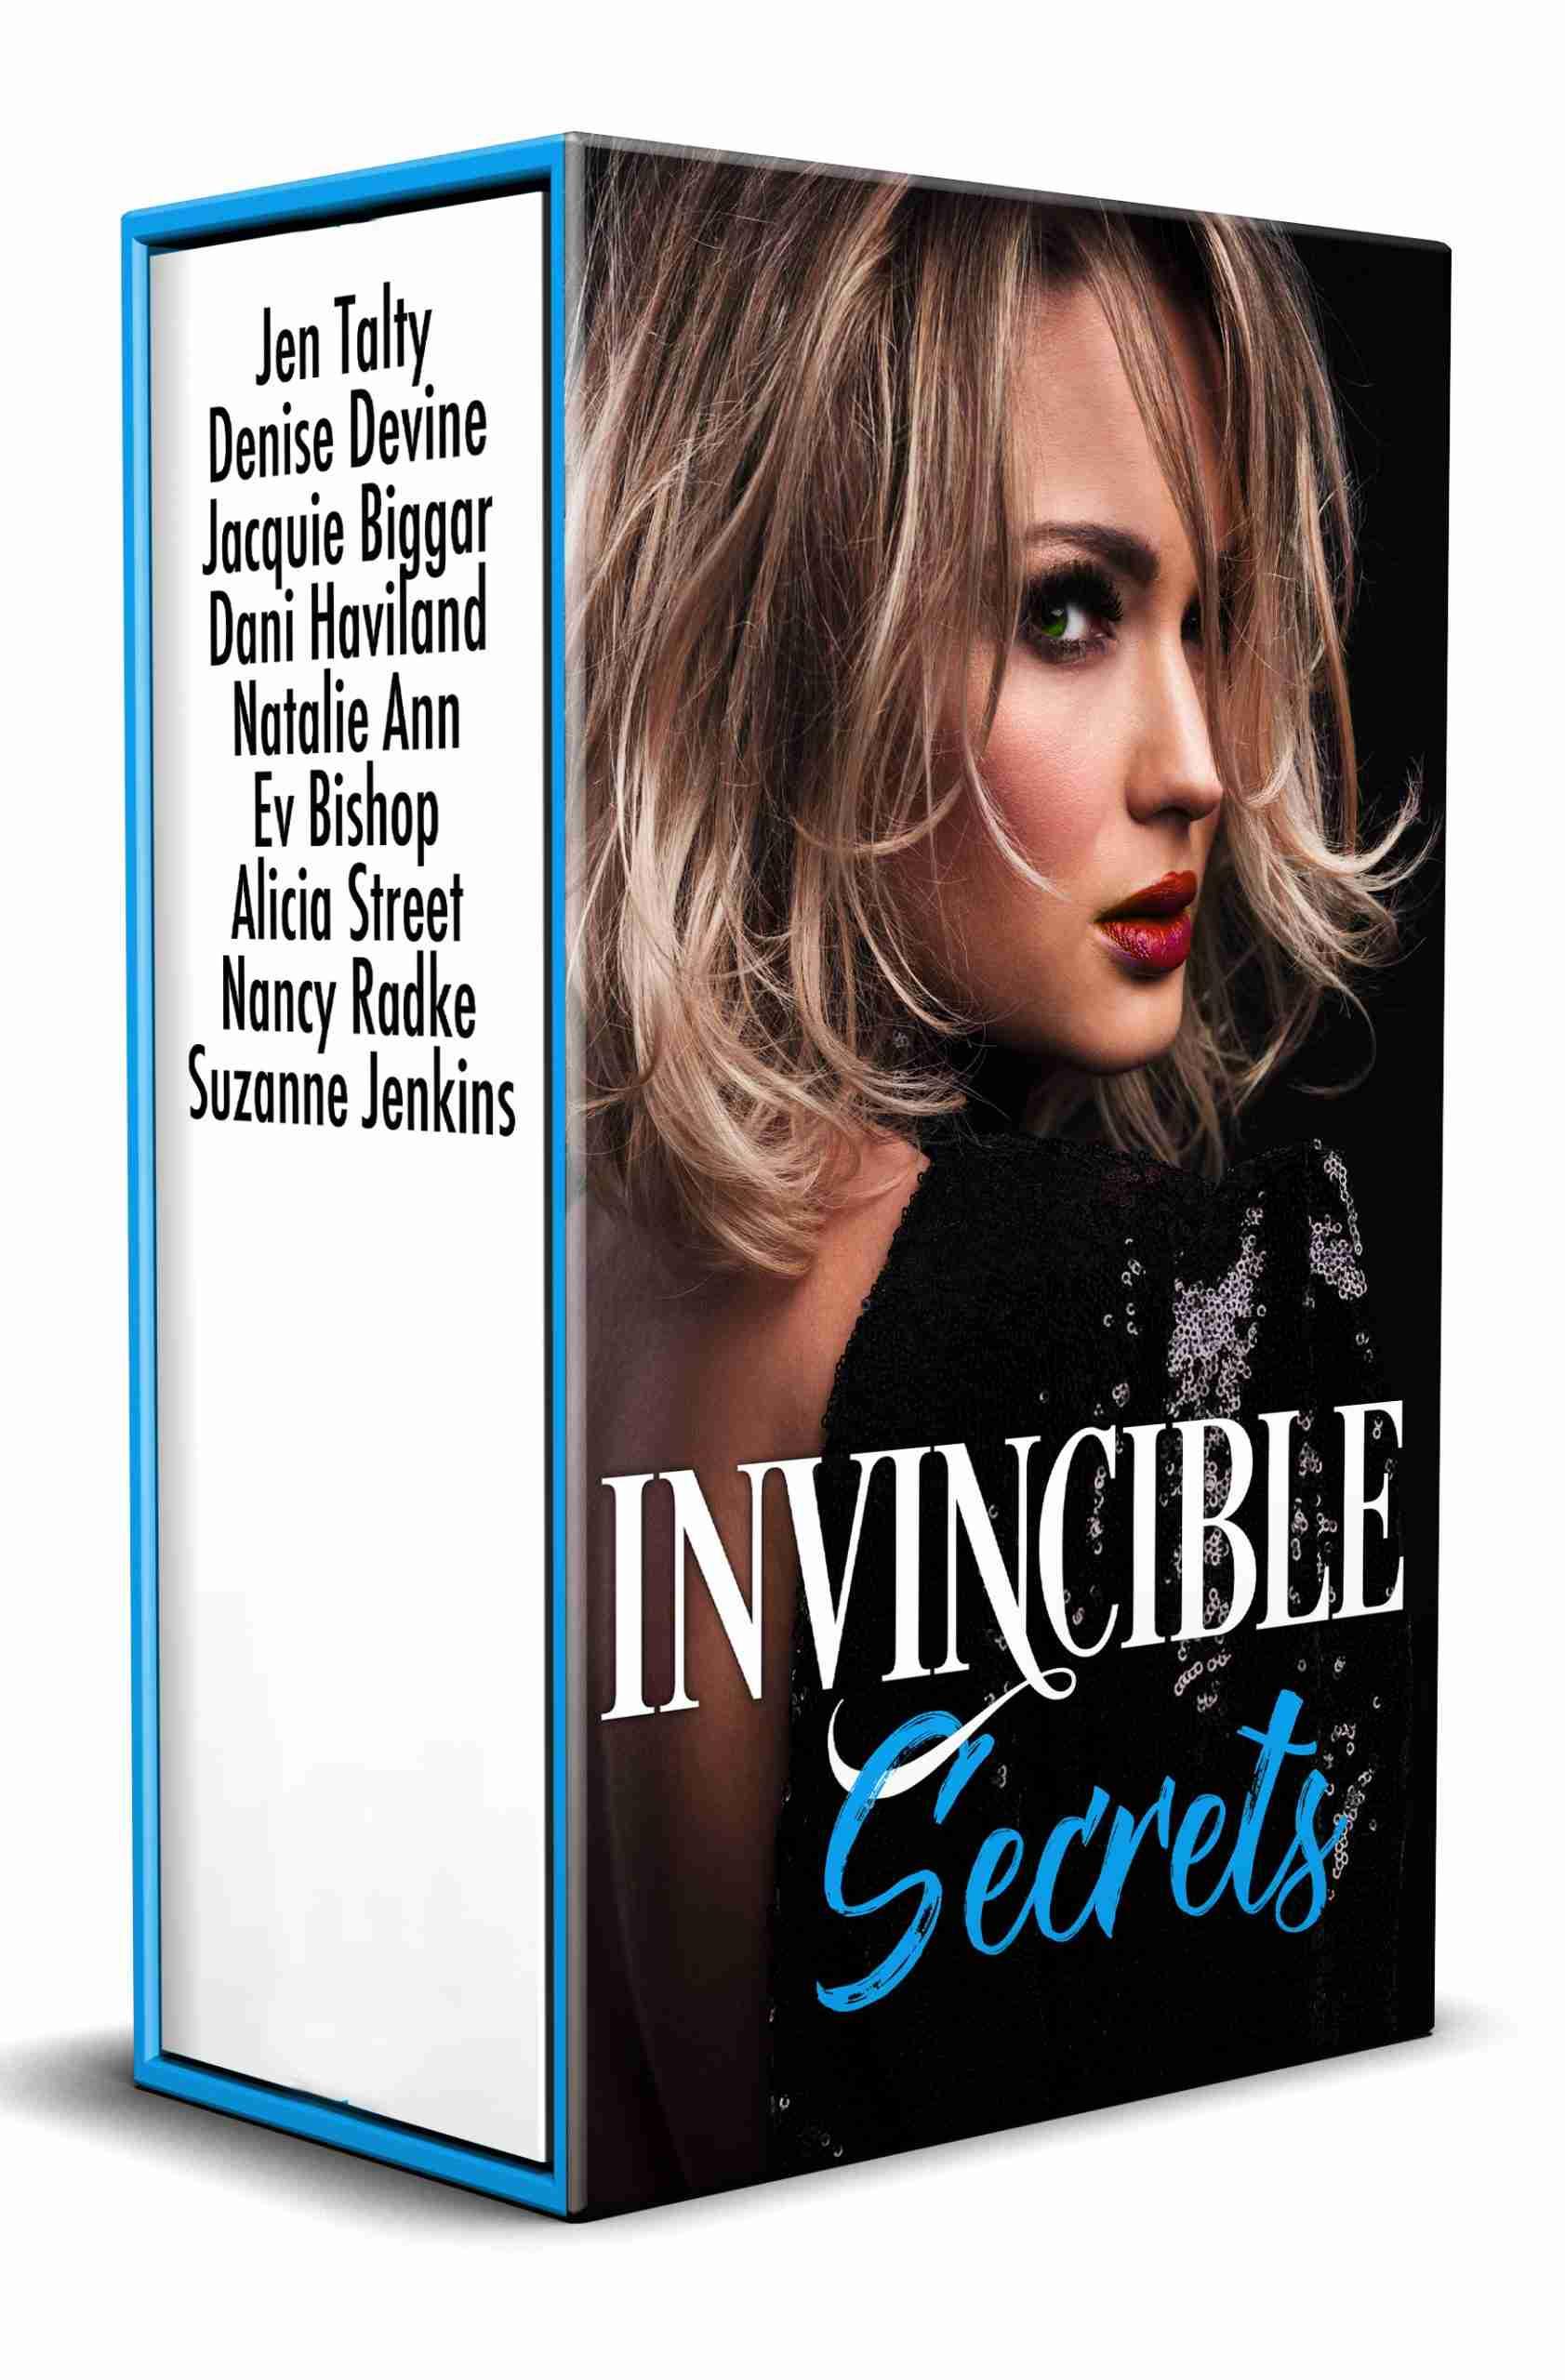 Invincible Secrets